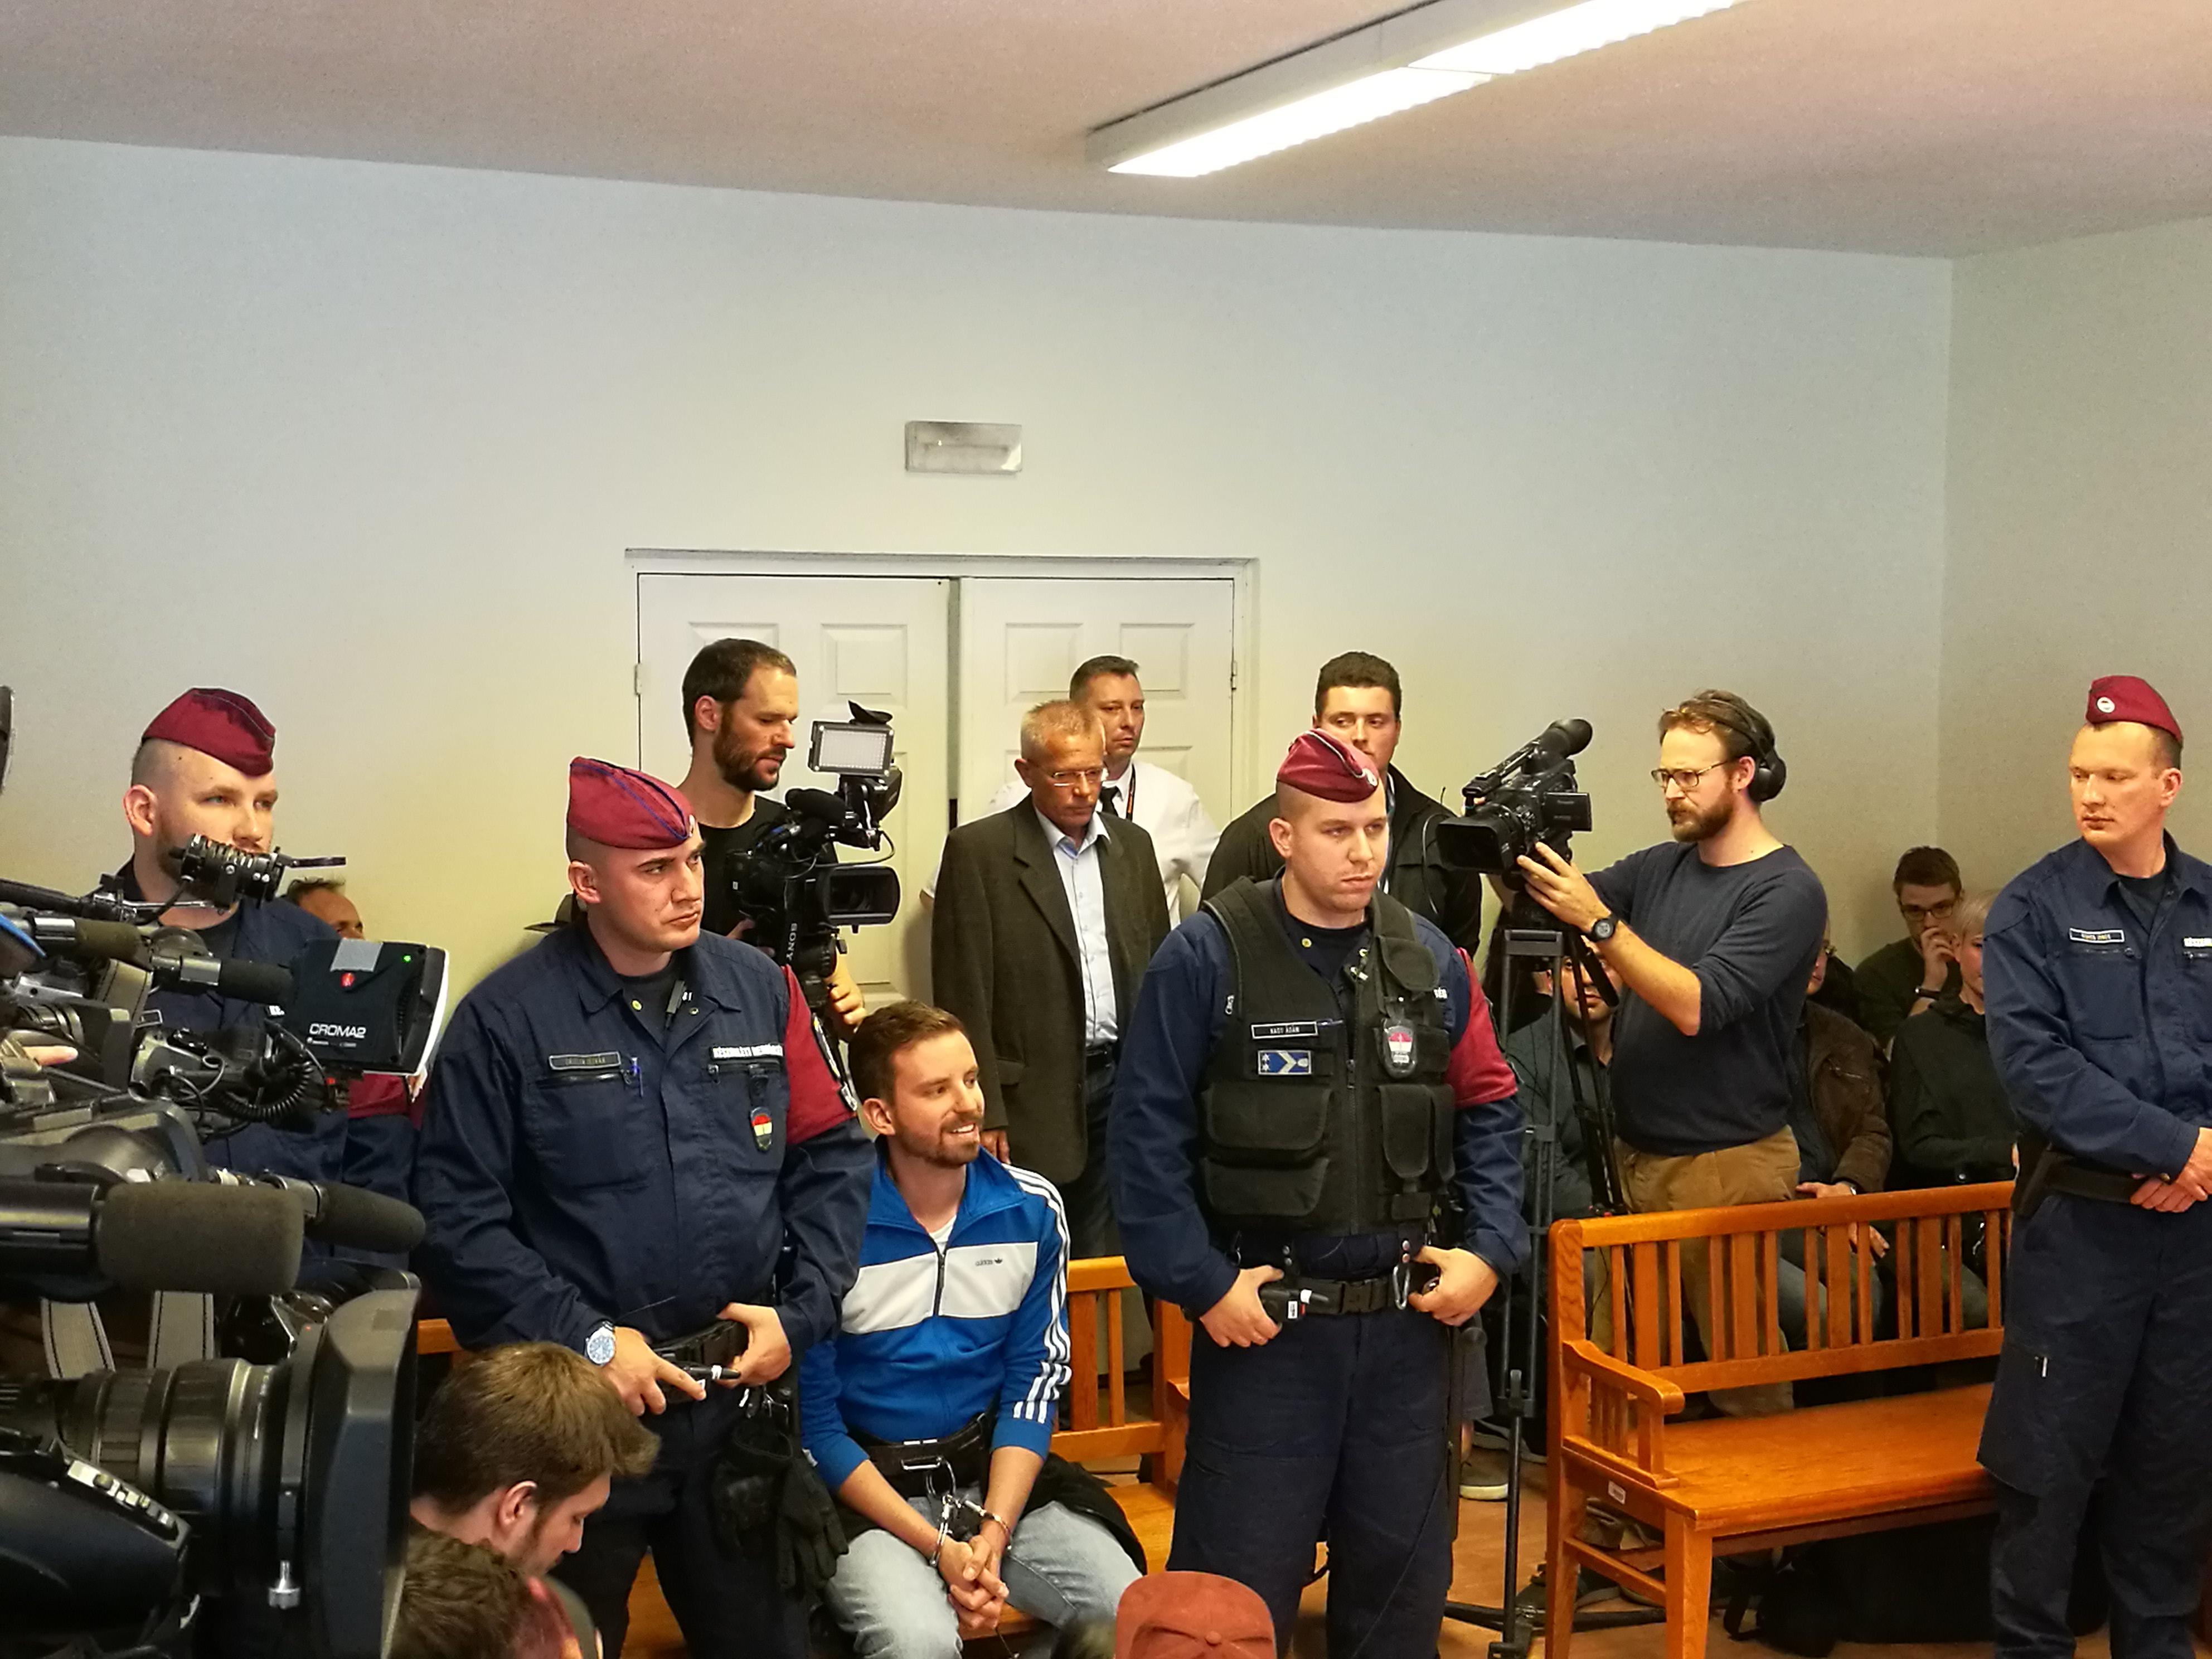 Az ügyészség felfüggesztett börtönbüntetést kér a festéket dobáló Gulyás Mártonékra